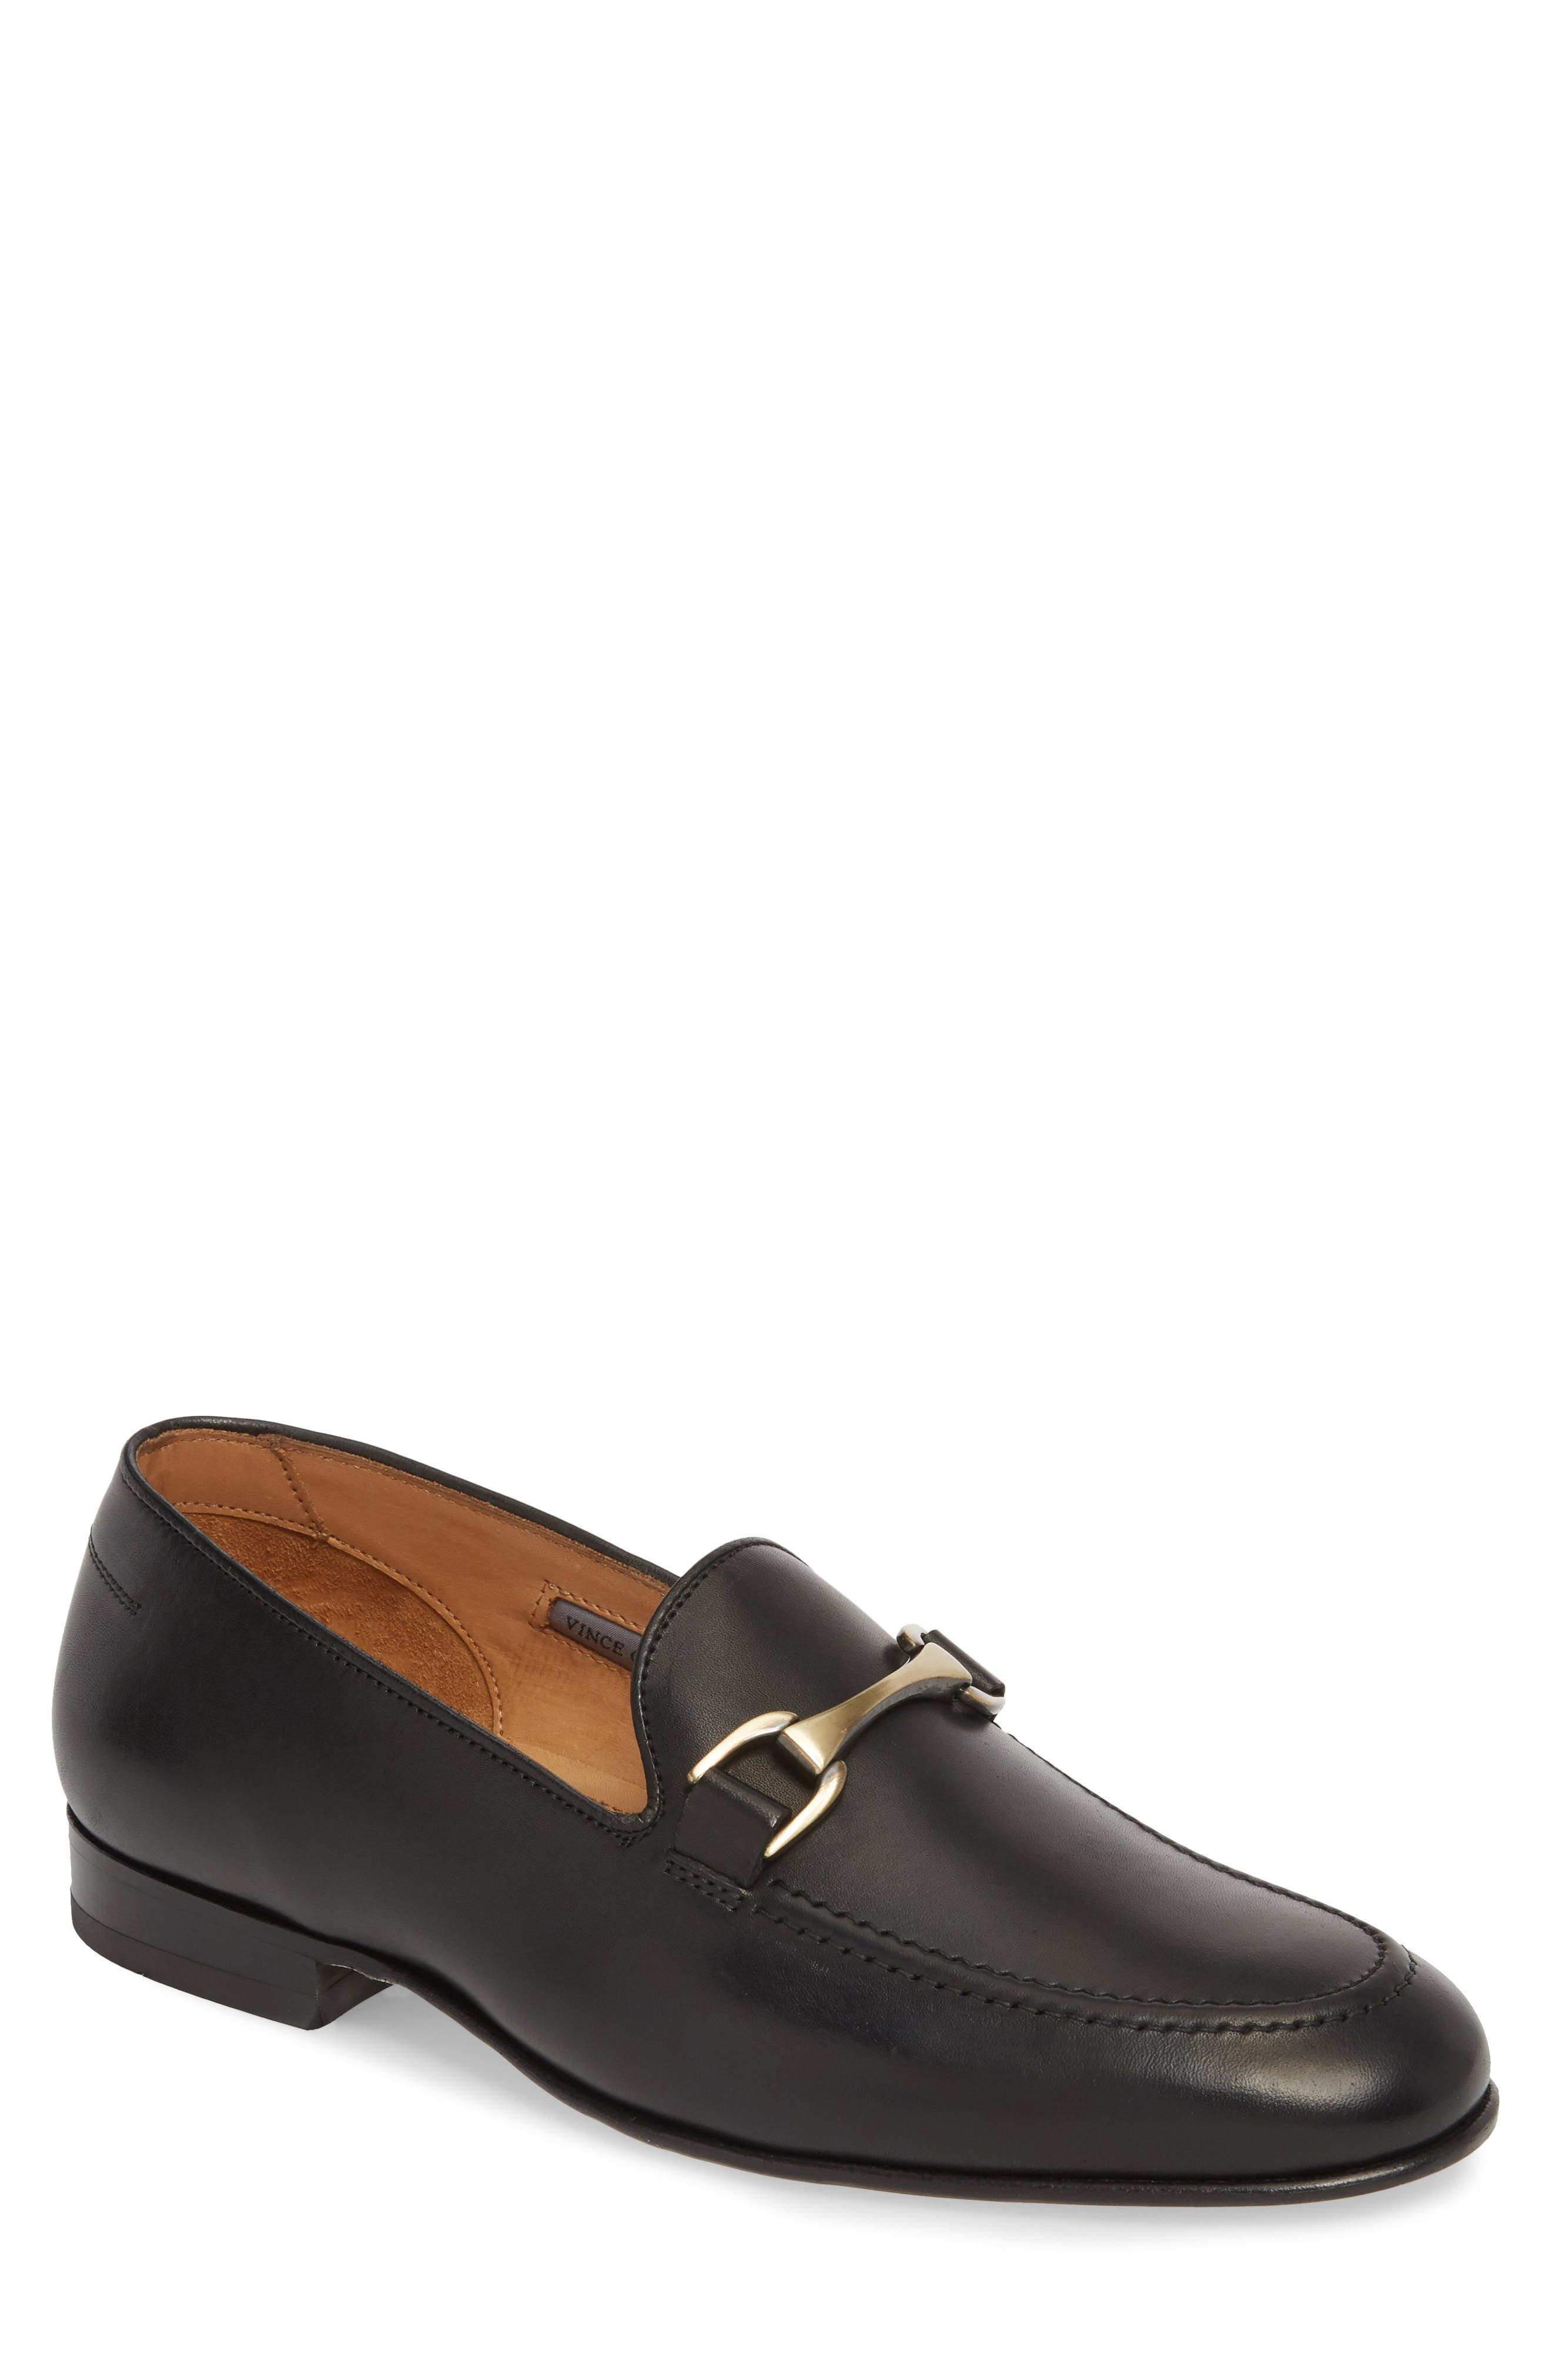 'Borcelo' Bit Loafer,                         Main,                         color, Black Leather